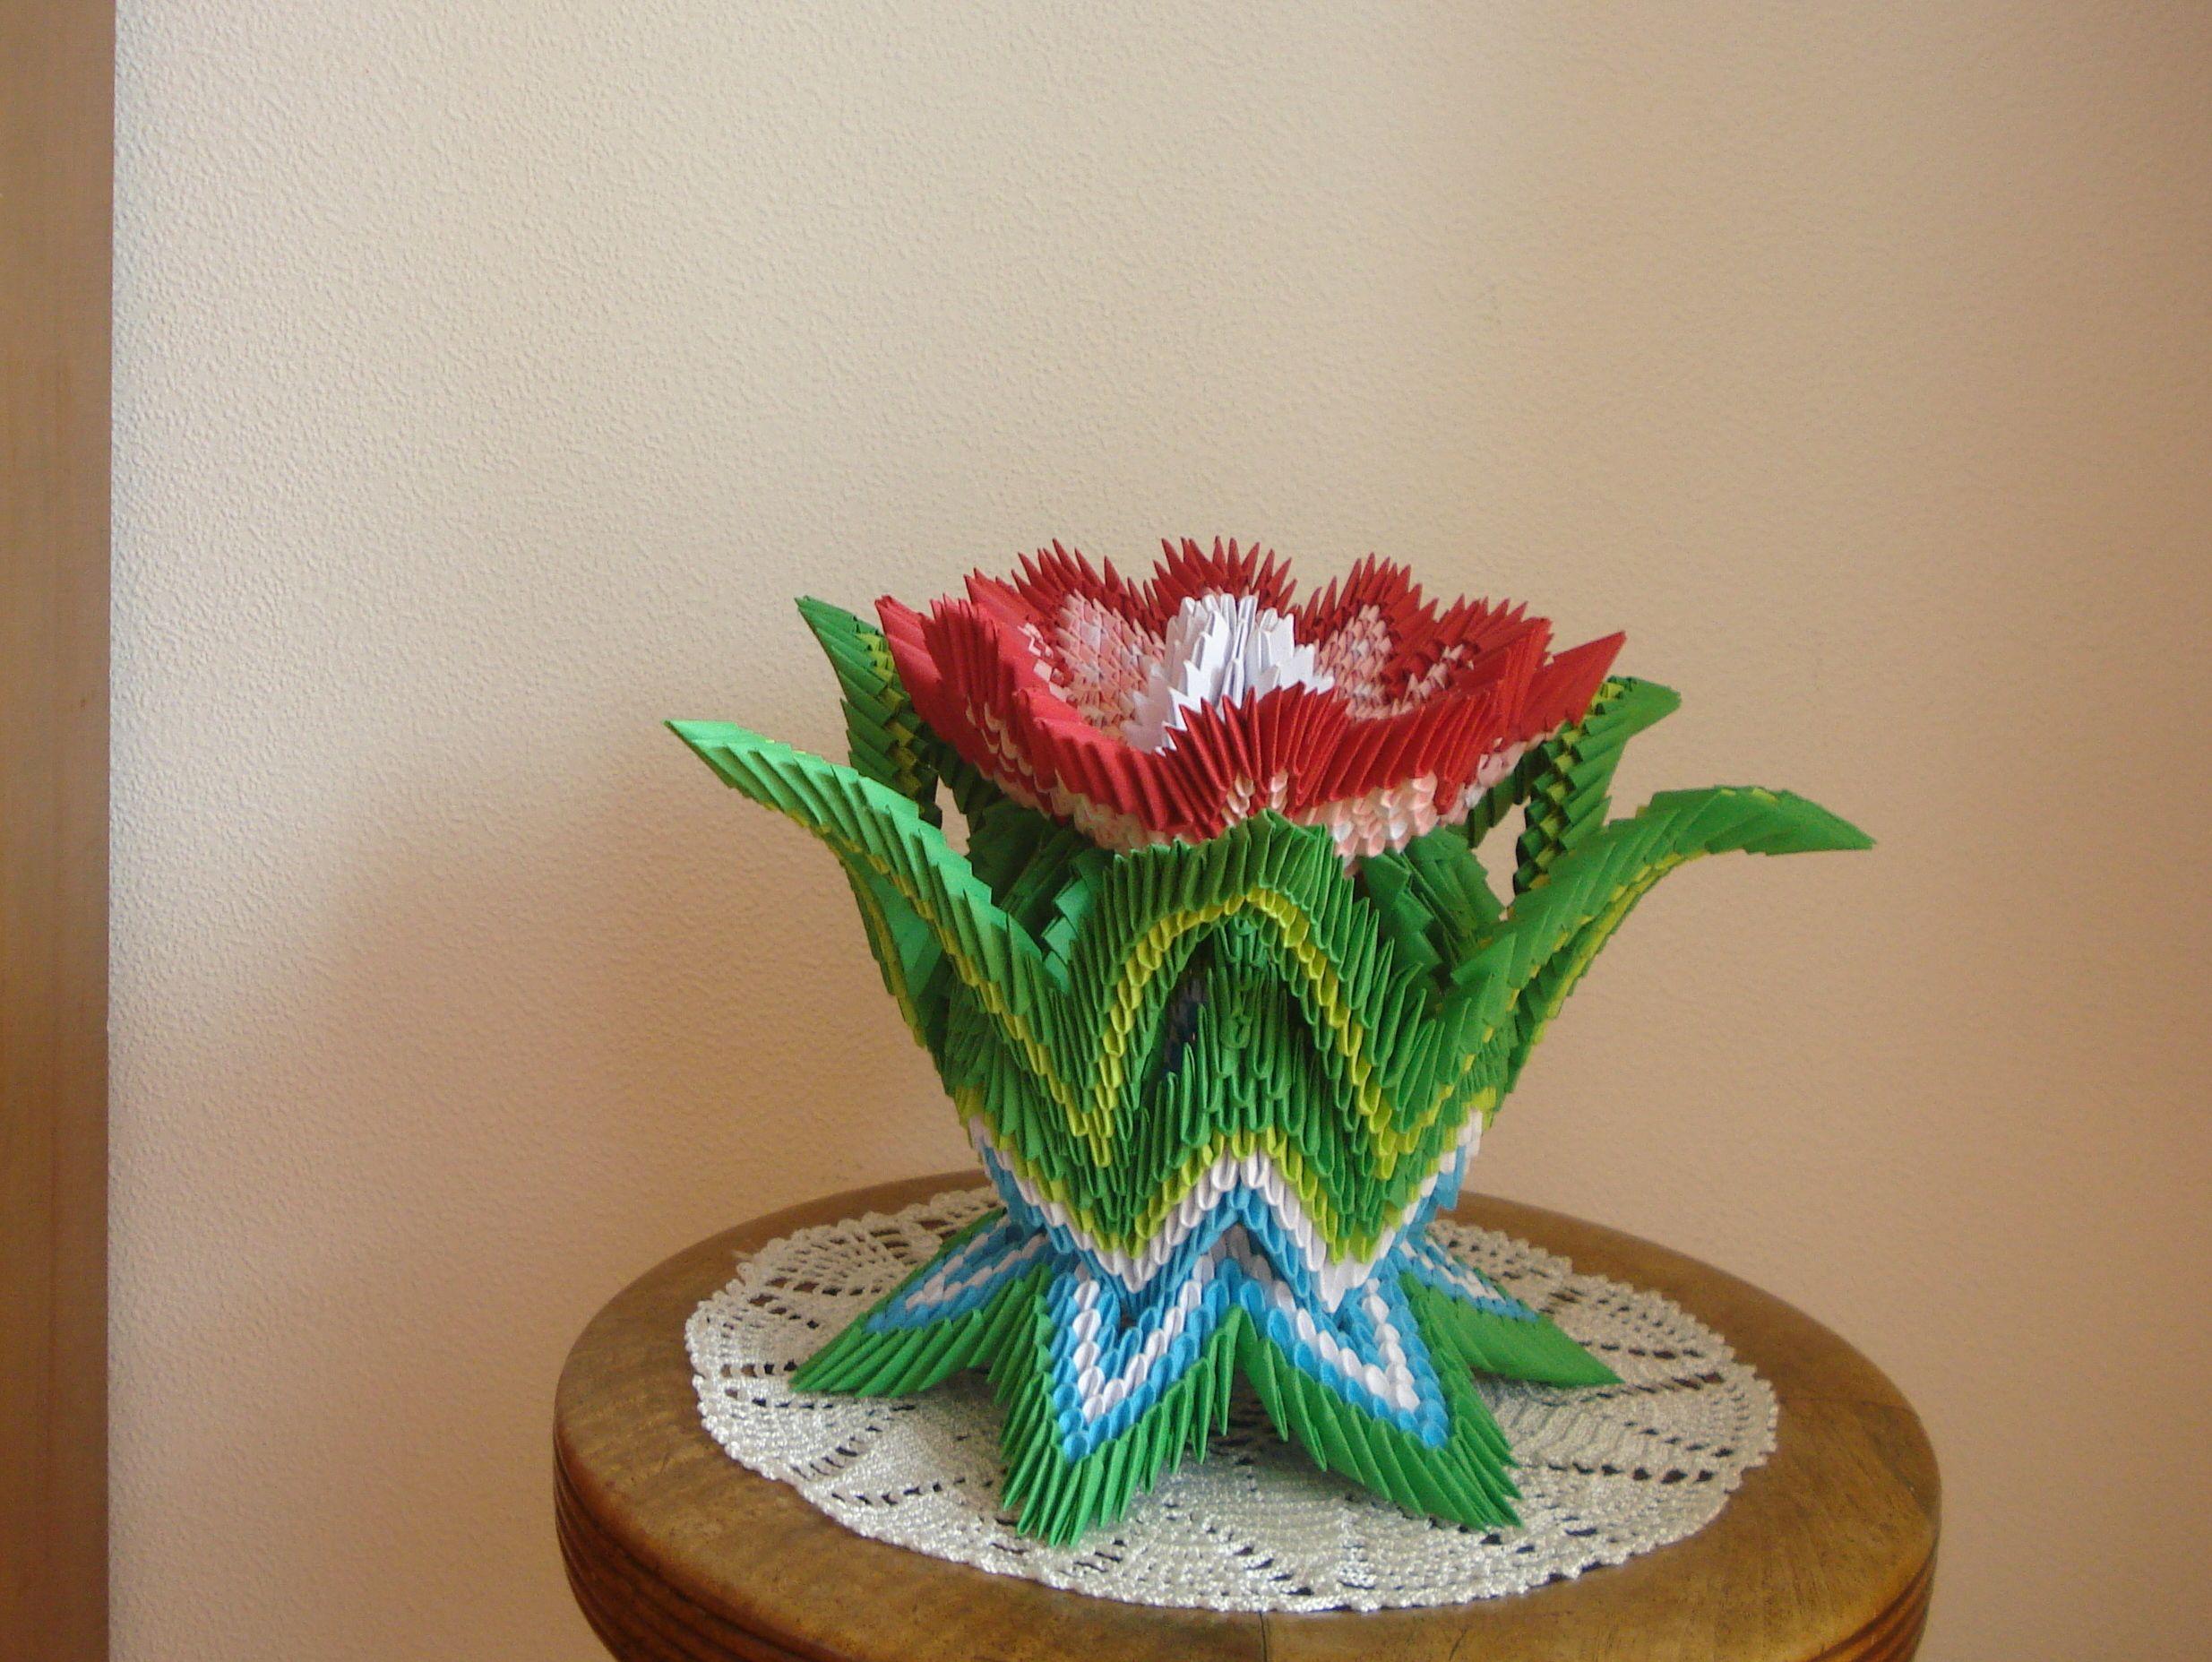 Kwiat Zrobiam Na Podstawie Zdjcia Ze Strony Origami Flowers